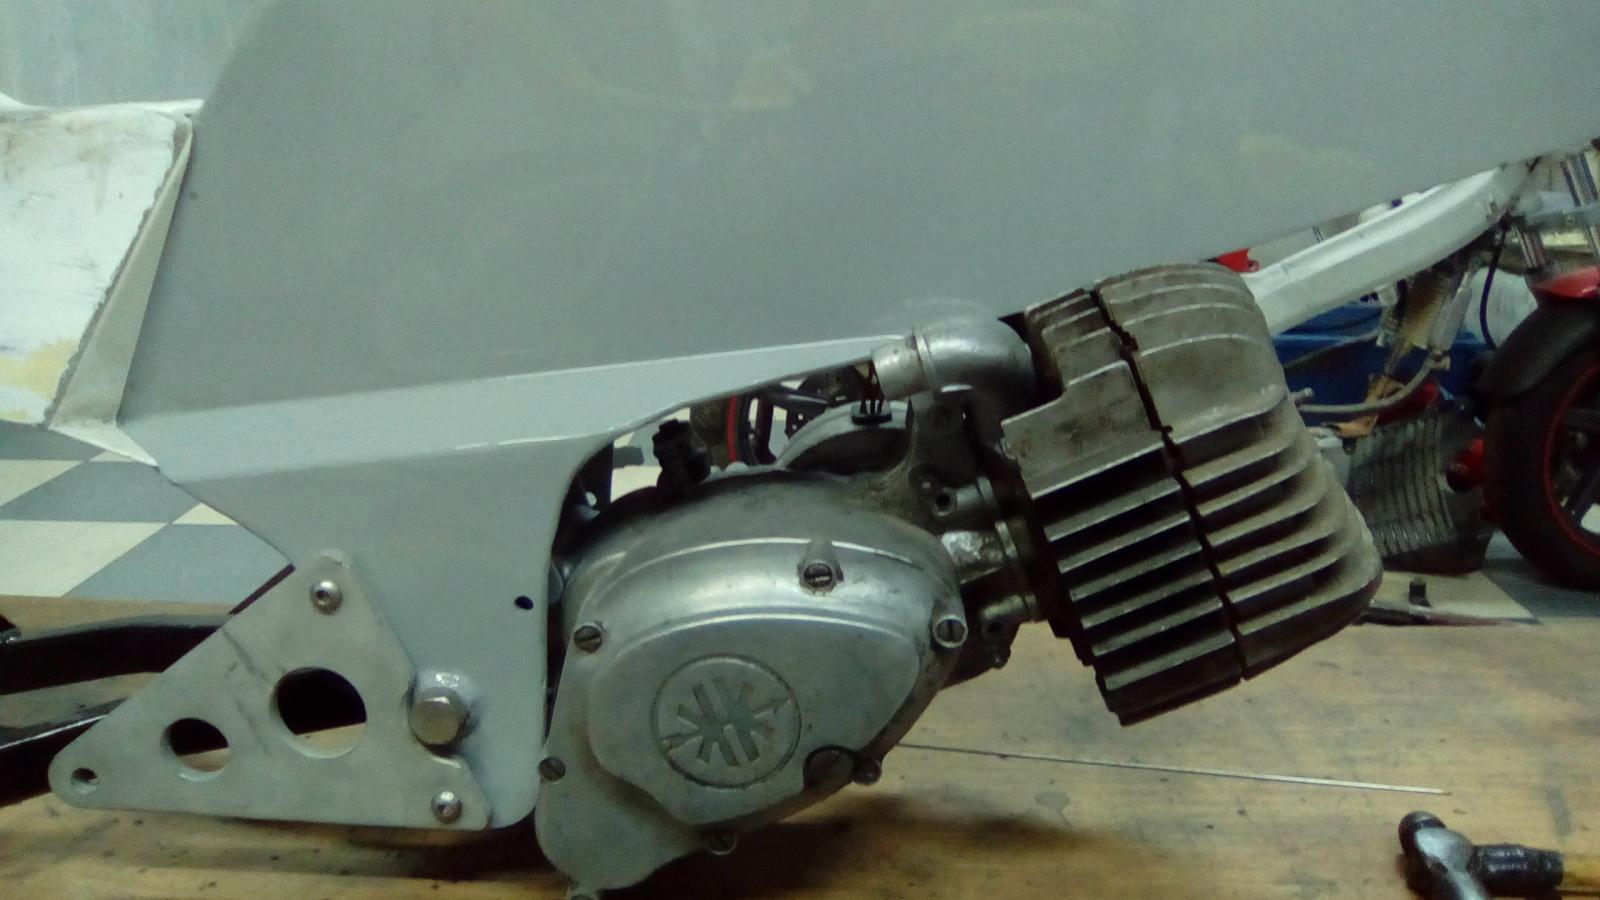 Monocasco APM Kreidler 1218v9t